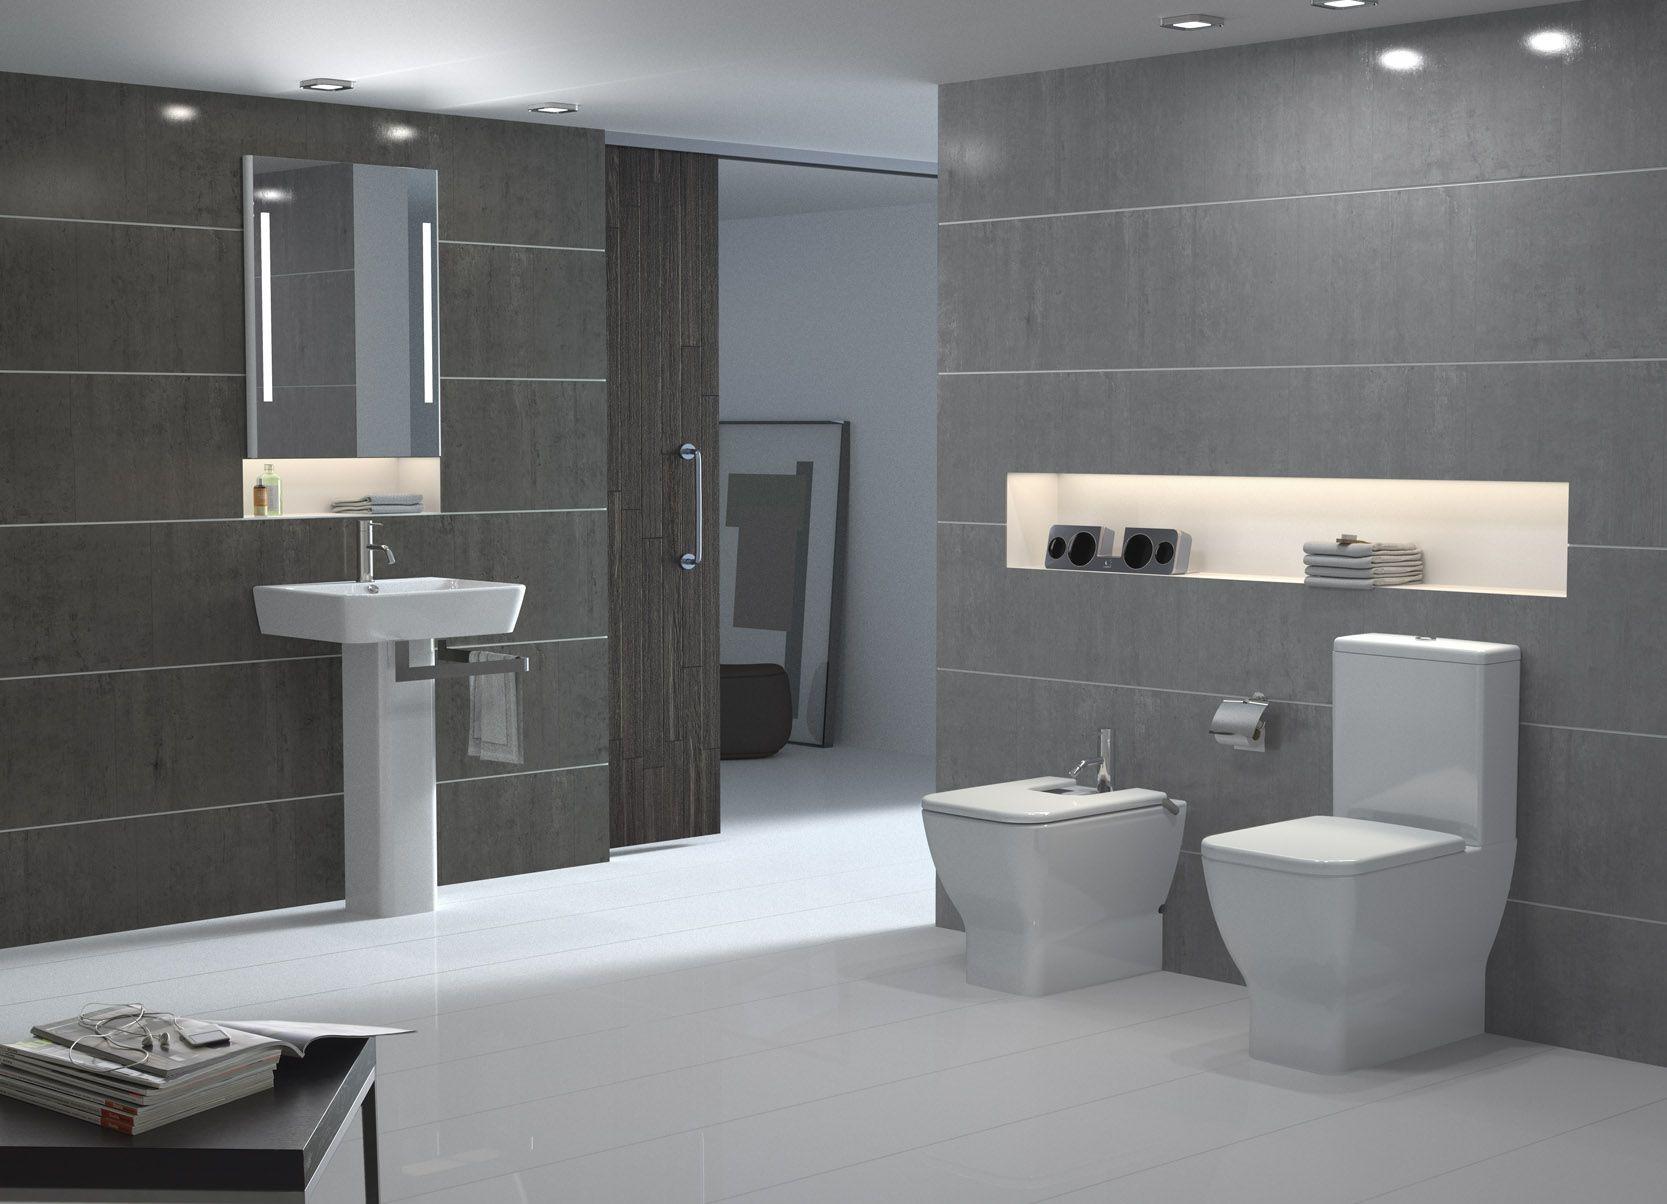 Dekoratif Banyo Tasarımları  Ev Aksesuarları Mutfak Banyo Gorgeous Modern Grey Bathroom Designs Inspiration Design